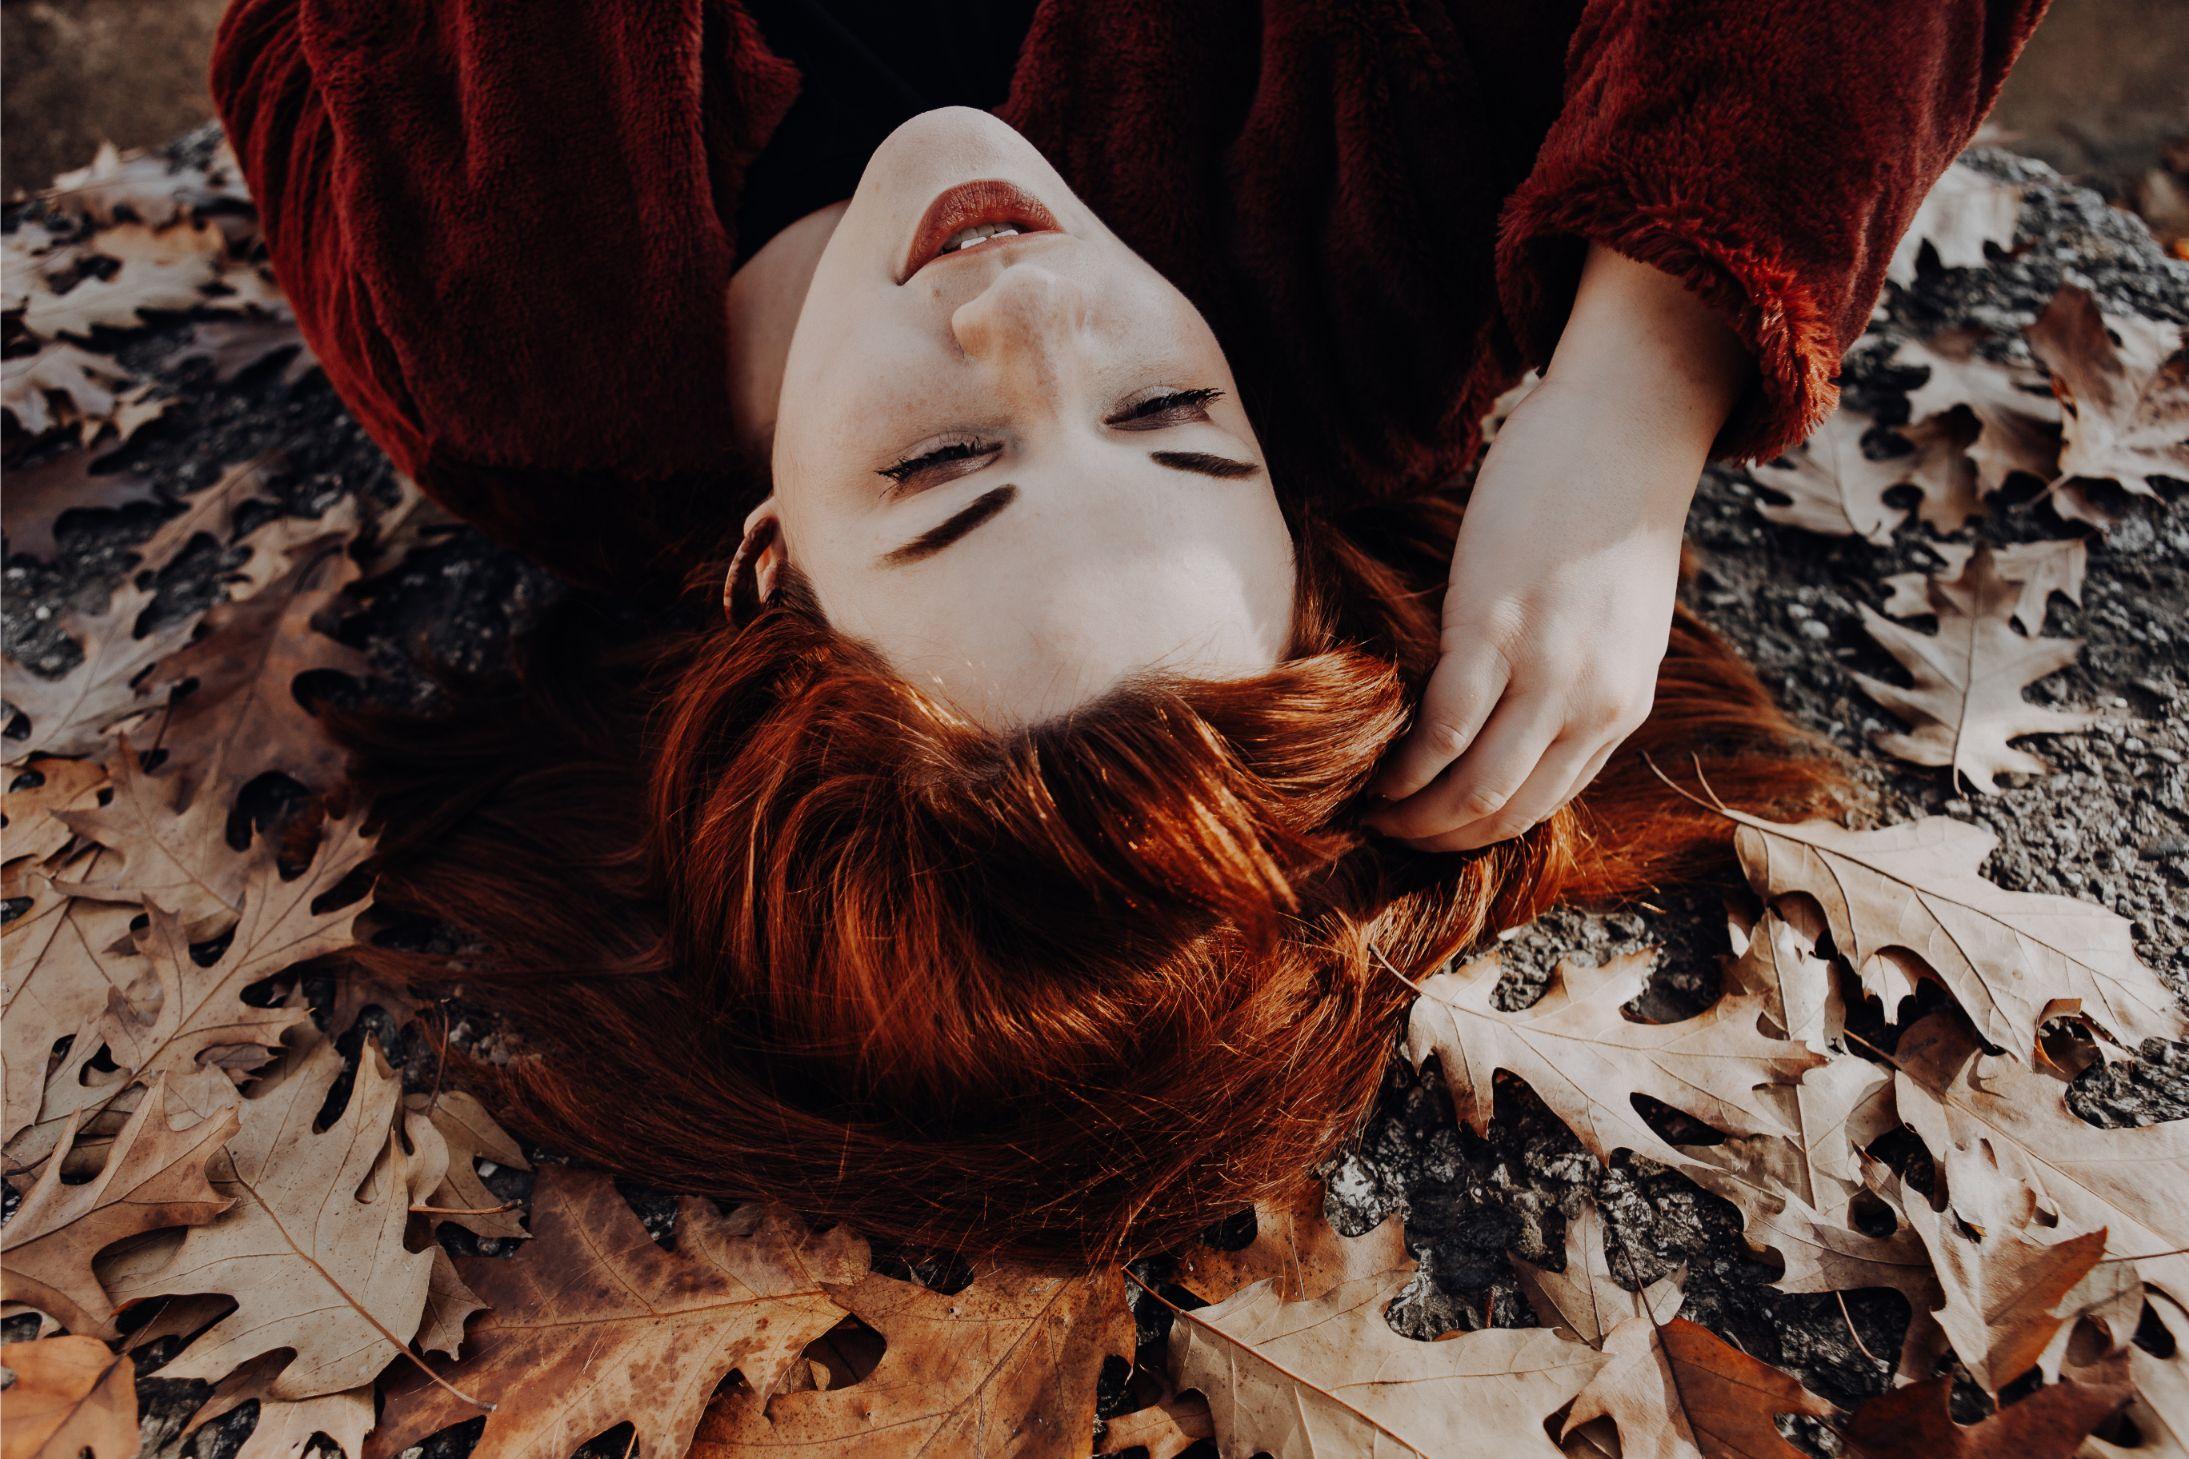 giulia modena | ritratto | mantova | rhamely fotografa